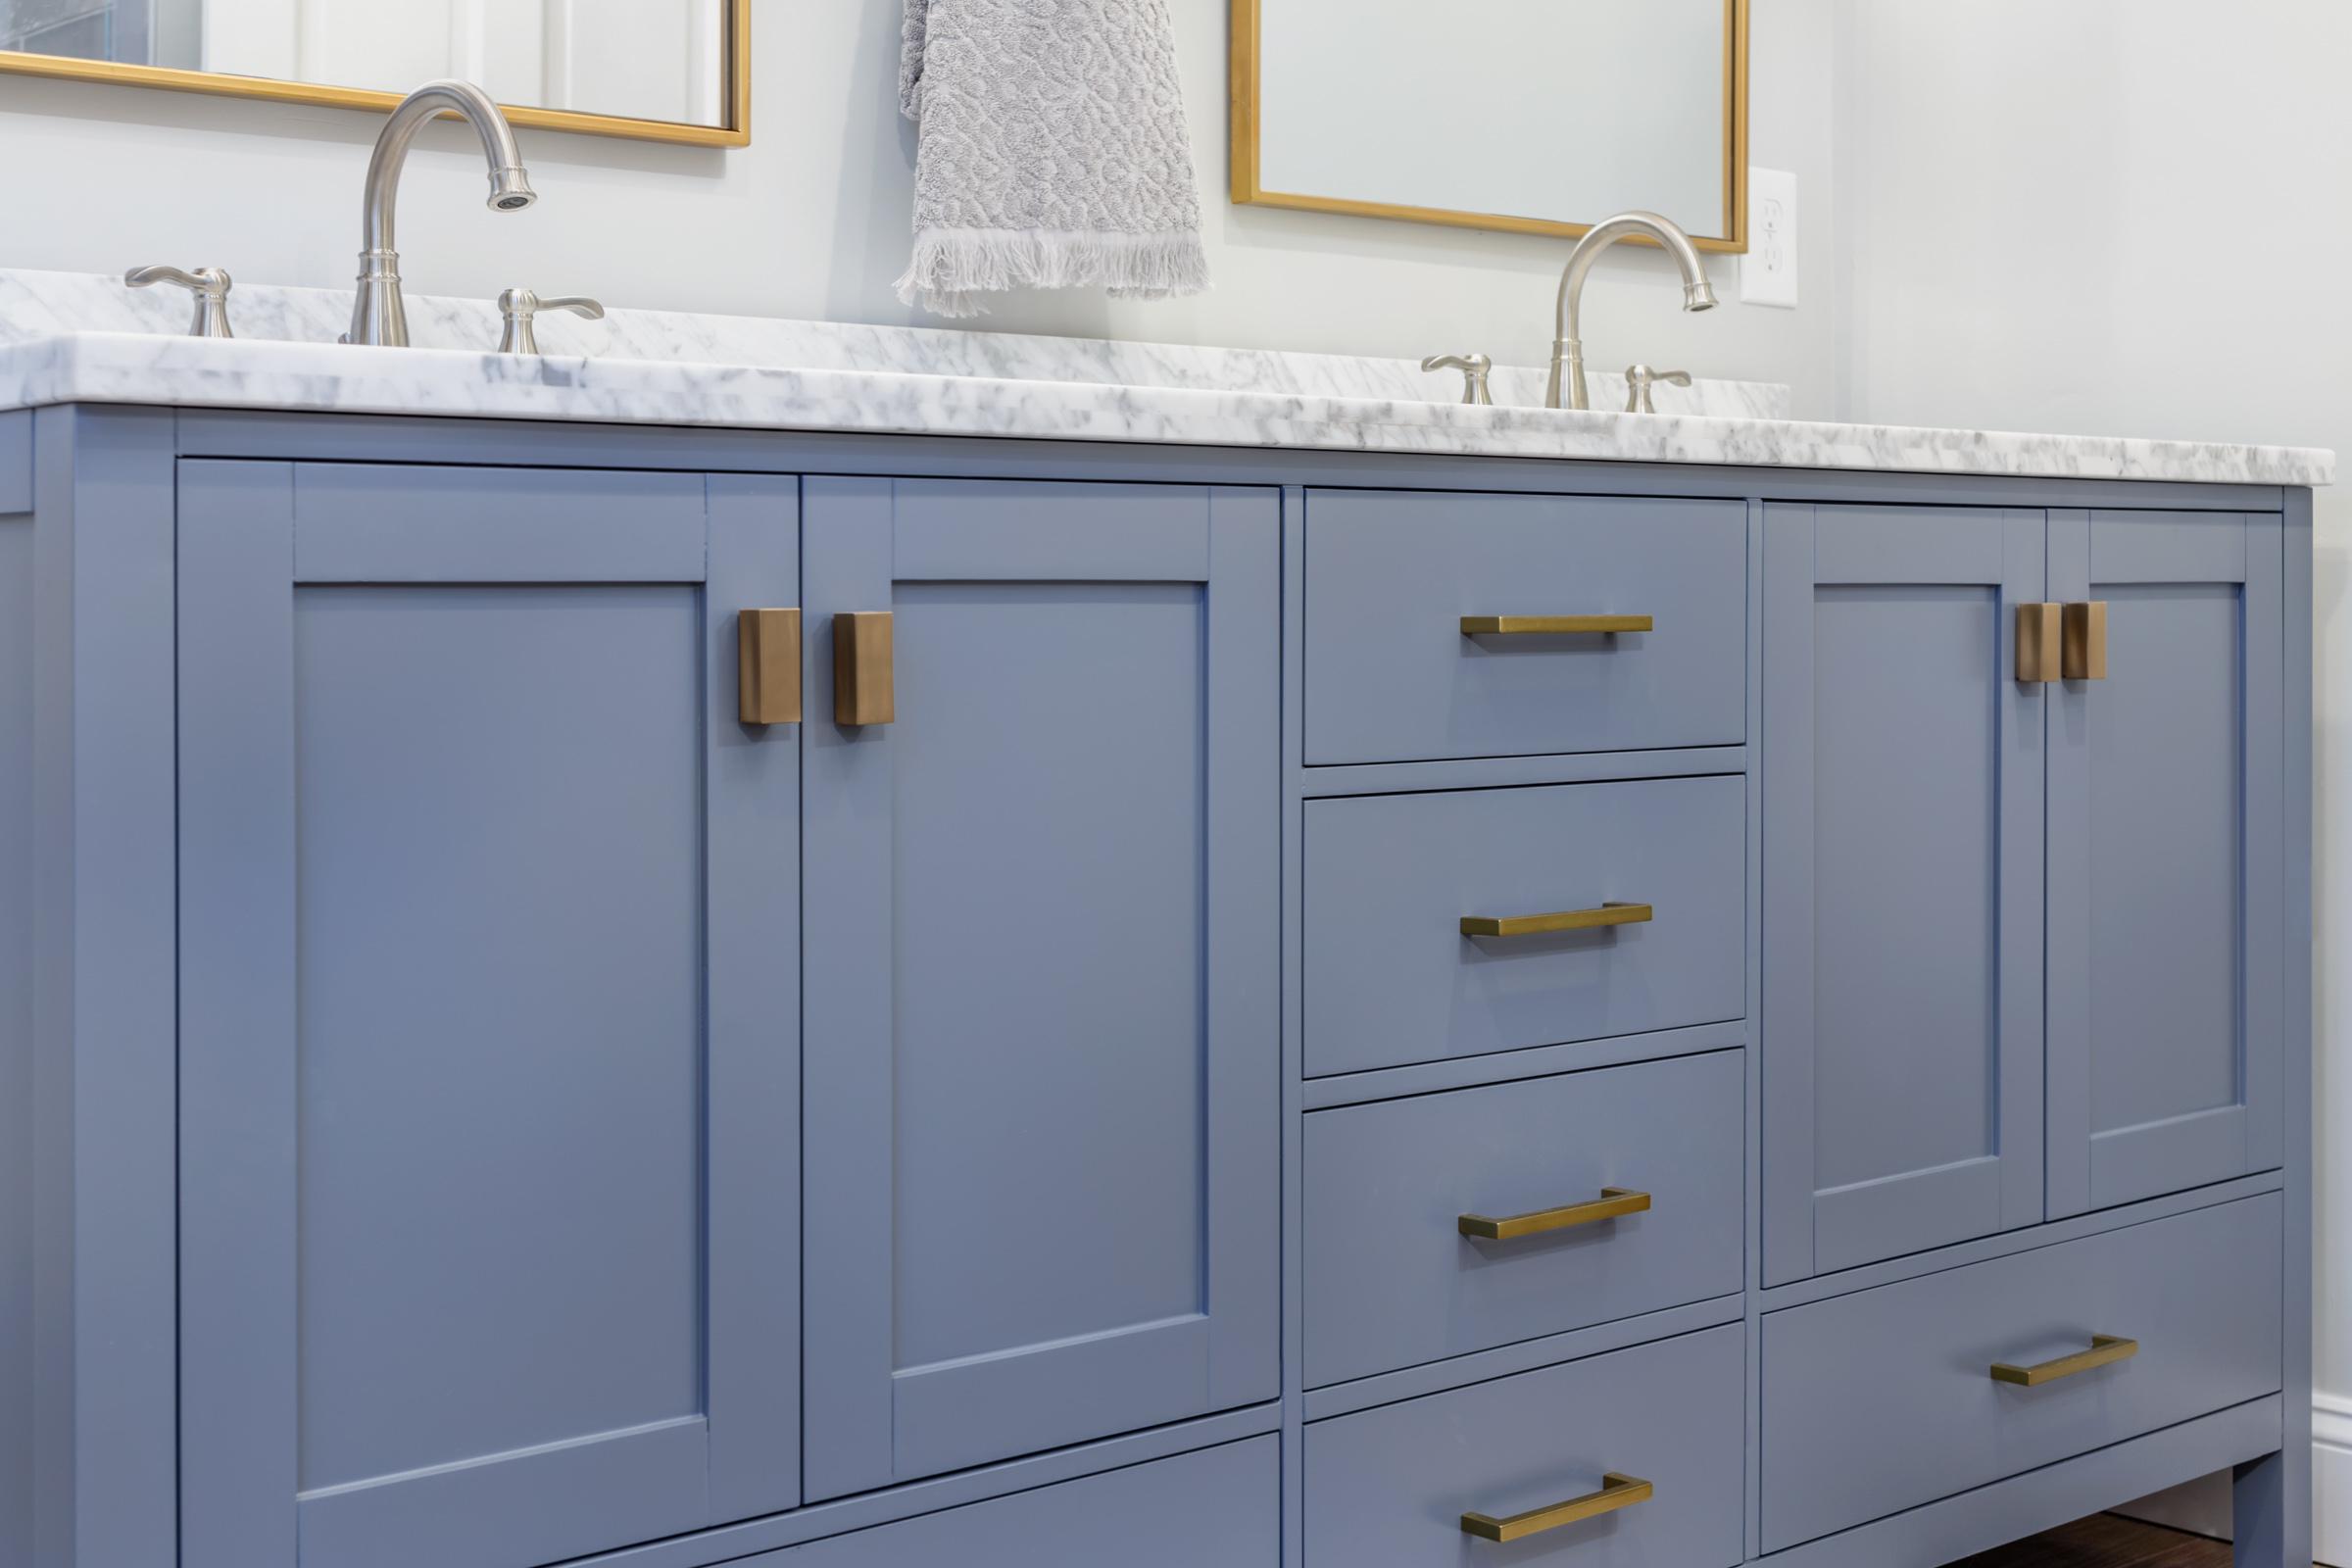 Vanity - Cabinetry detail.jpg